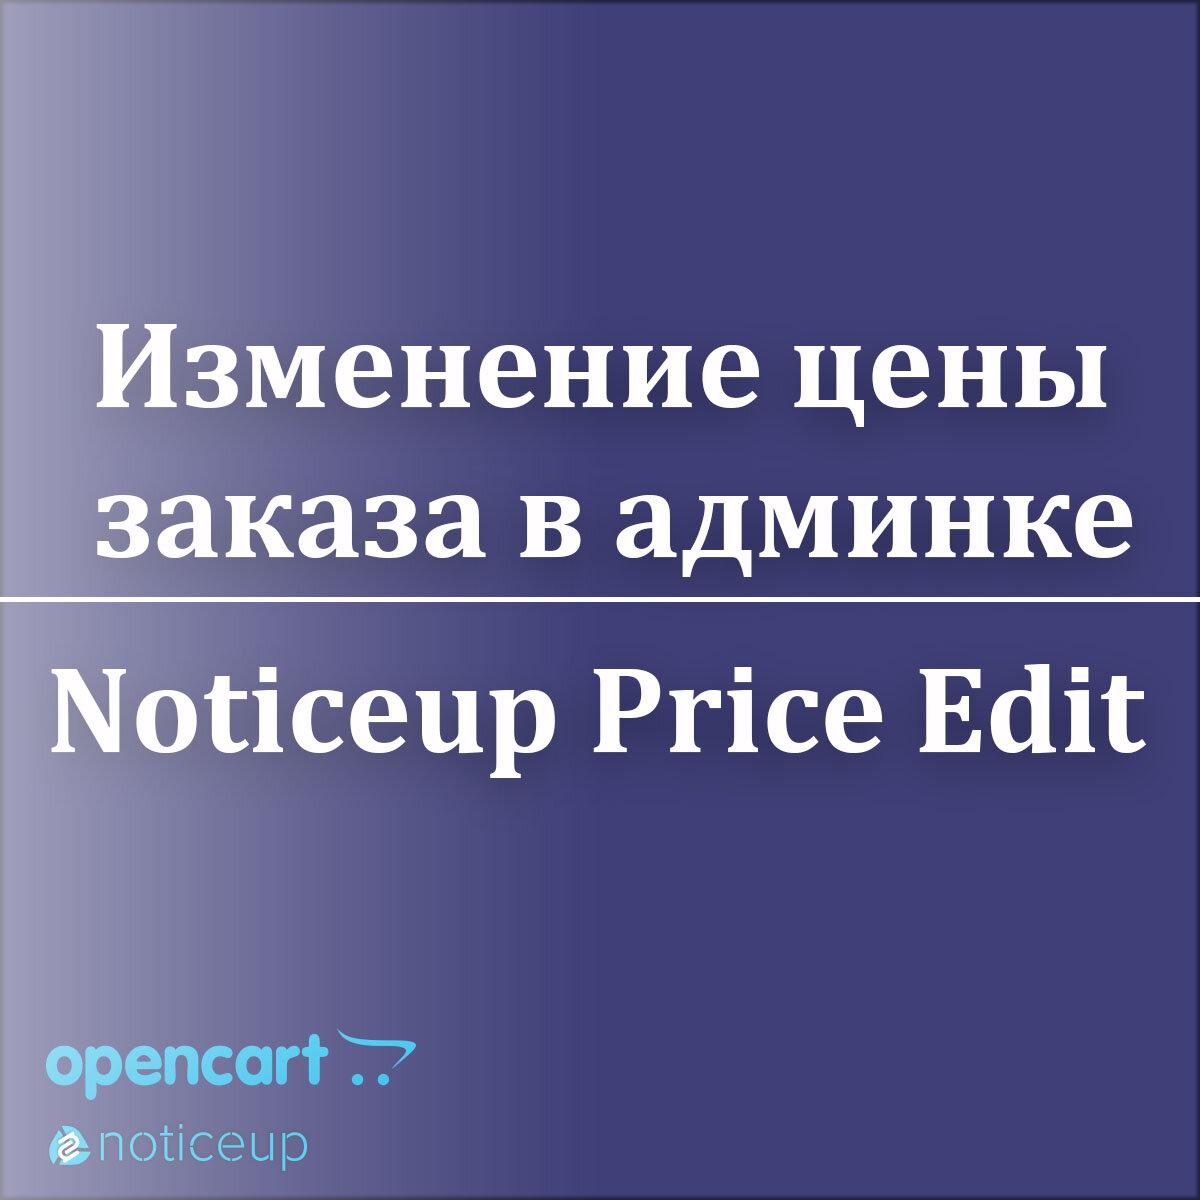 Noticeup Price Edit/Изменение цены заказа в админке